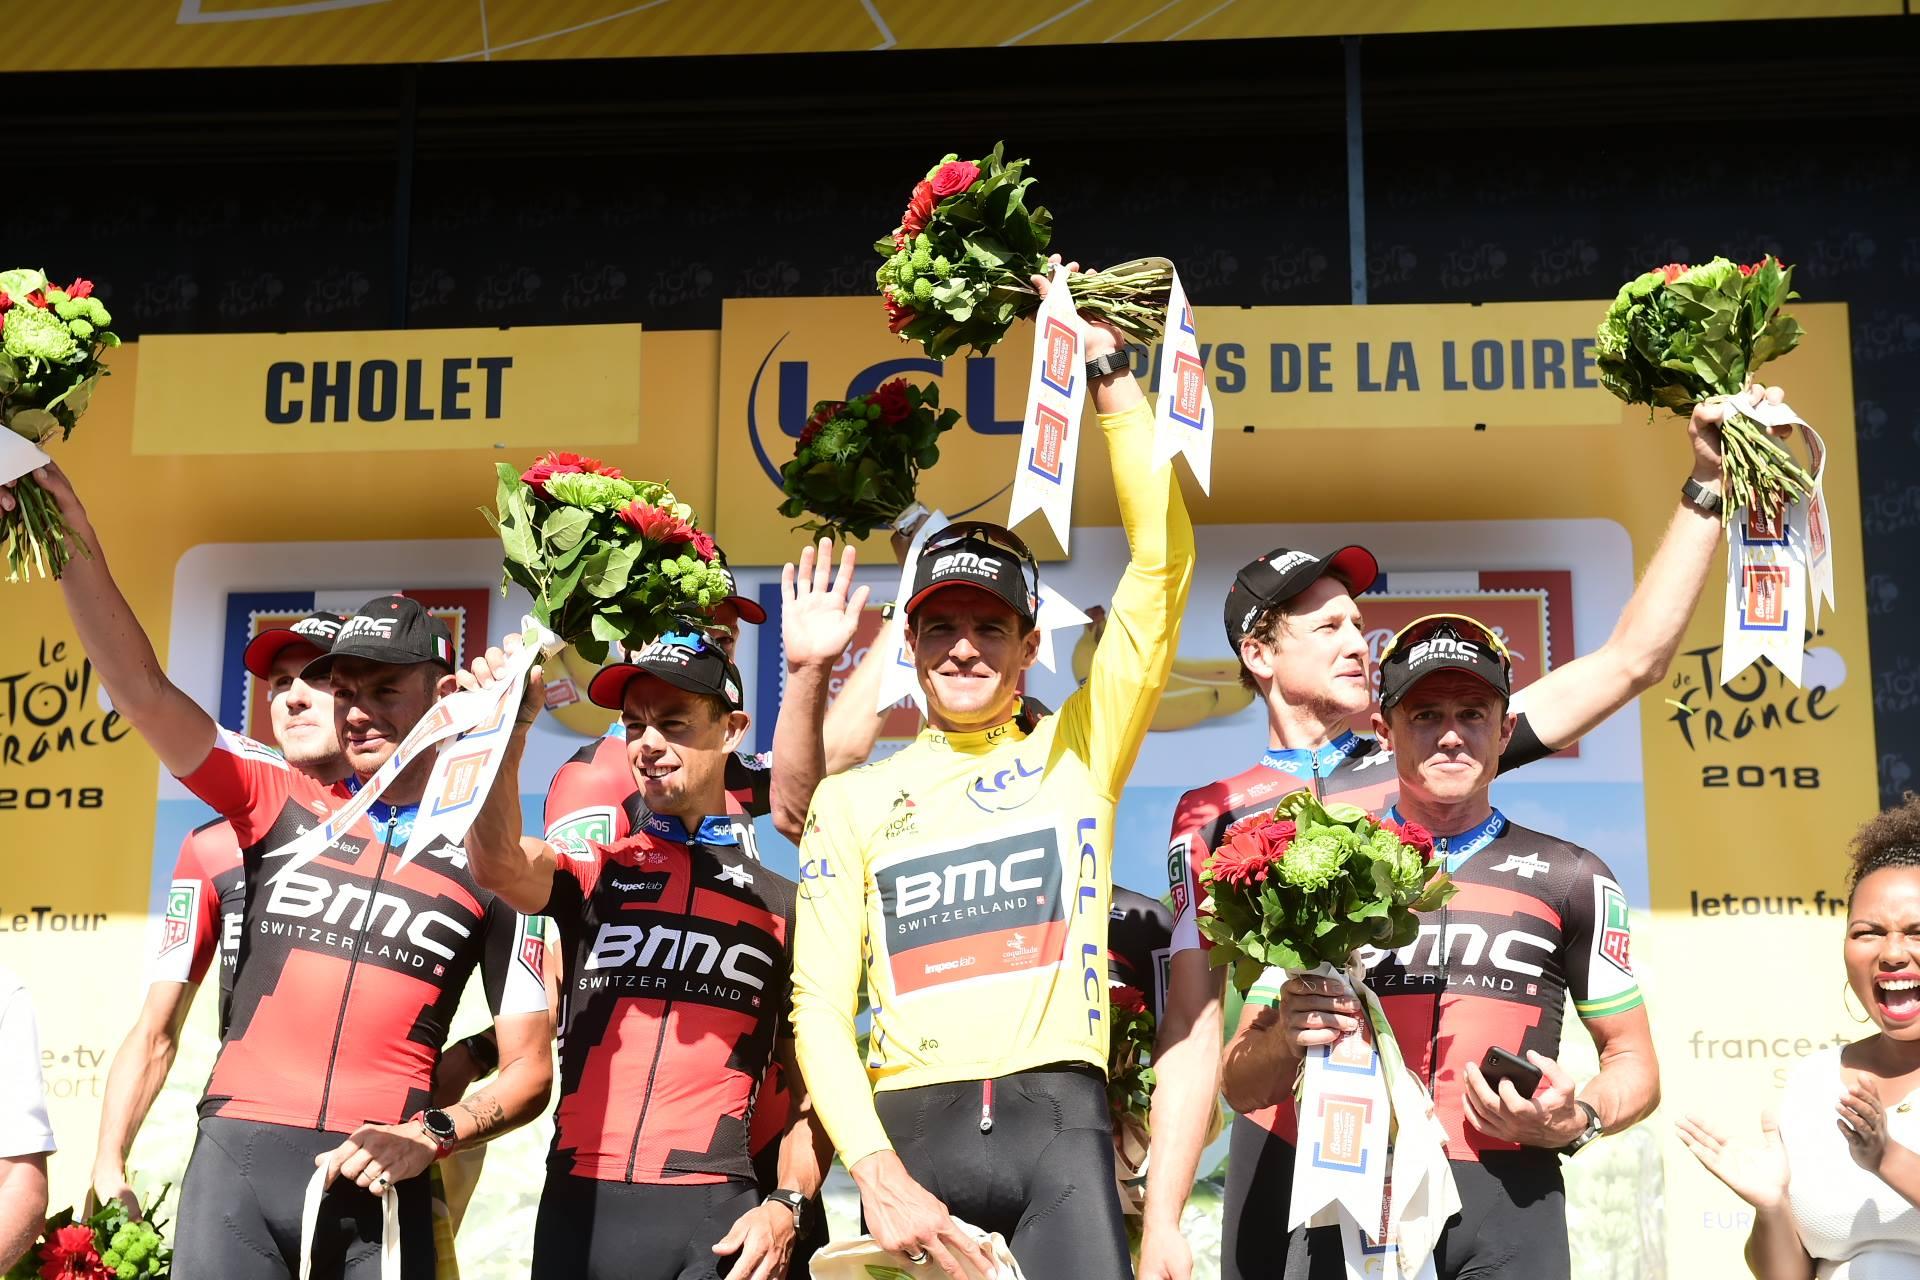 La BMC vince la terza tappa del Tour de France 2018, una cronosquadre. Van Avermaet maglia gialla (foto ASO)